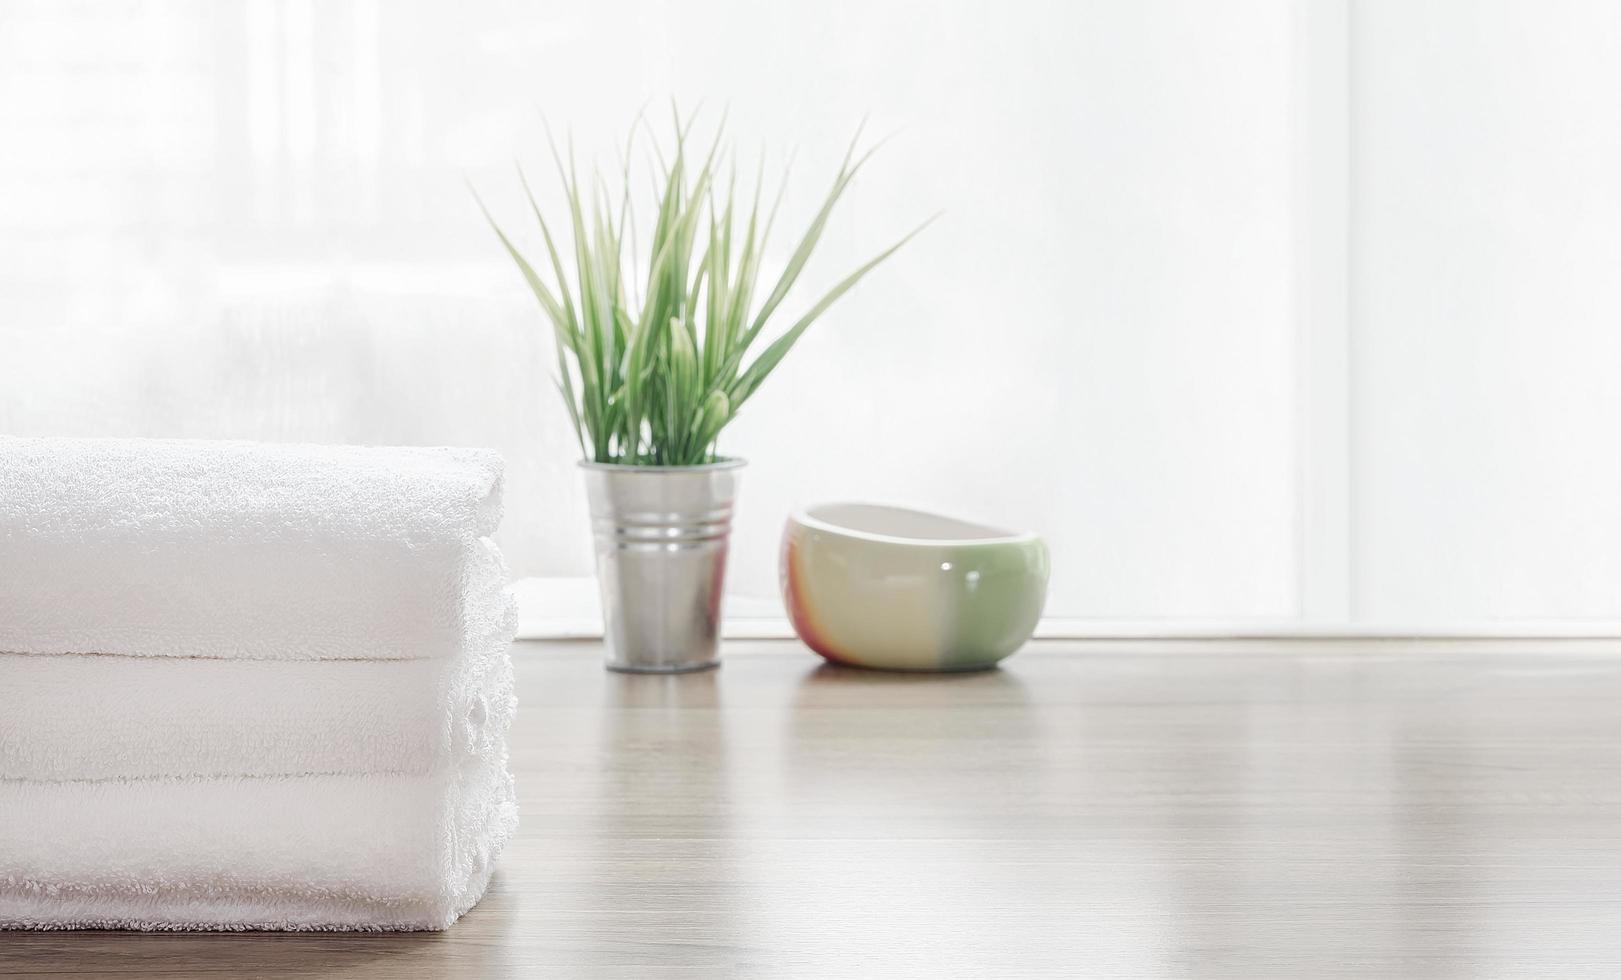 Serviettes blanches pliées et plante d'intérieur sur table en bois photo